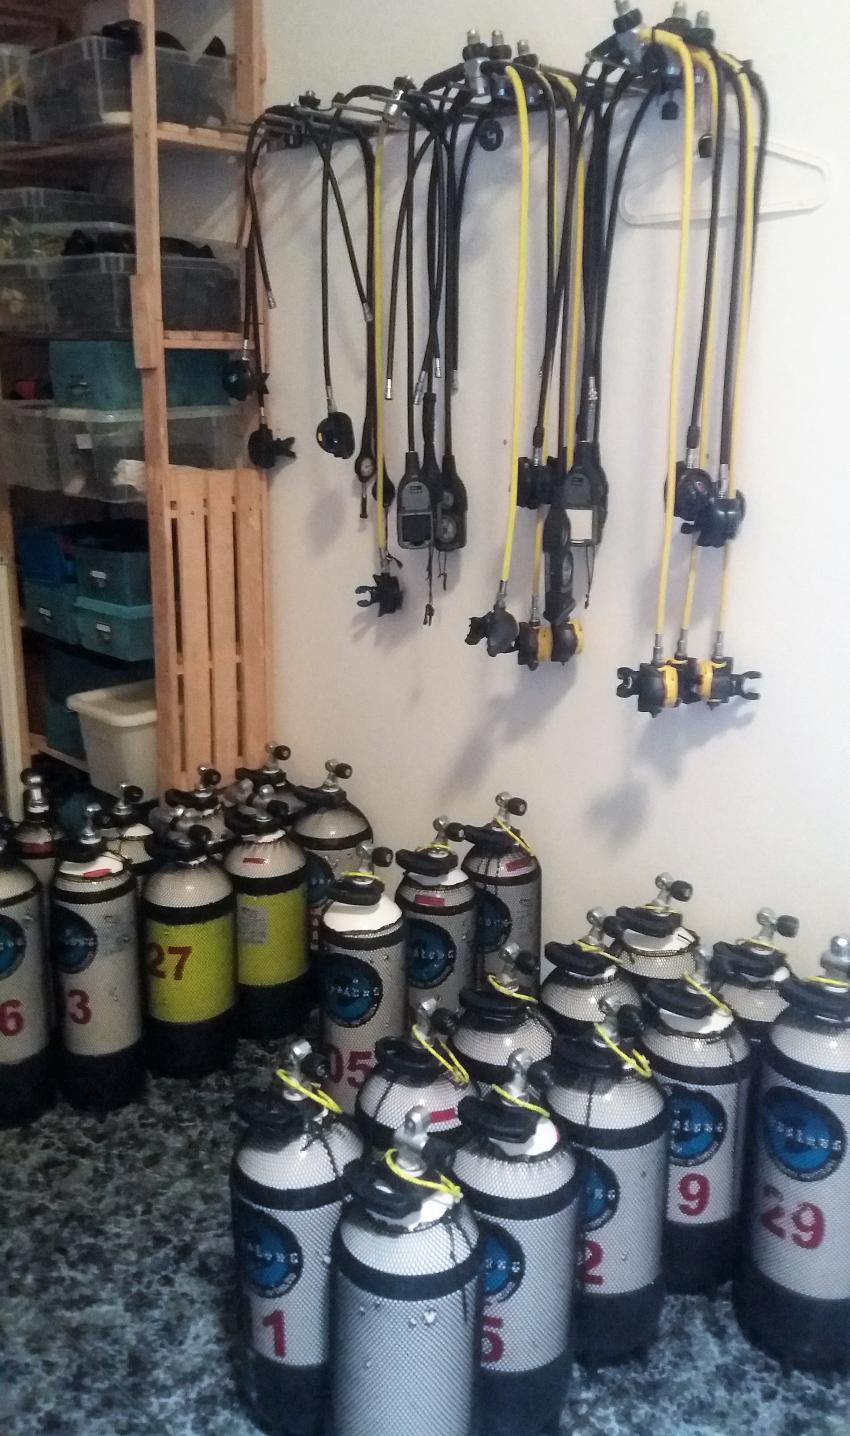 Flaschen 15/12/10 lt Stahl, Ocean World Dive Center, Tarajalejo, Fuerteventura, Spanien, Kanaren (Kanarische Inseln)